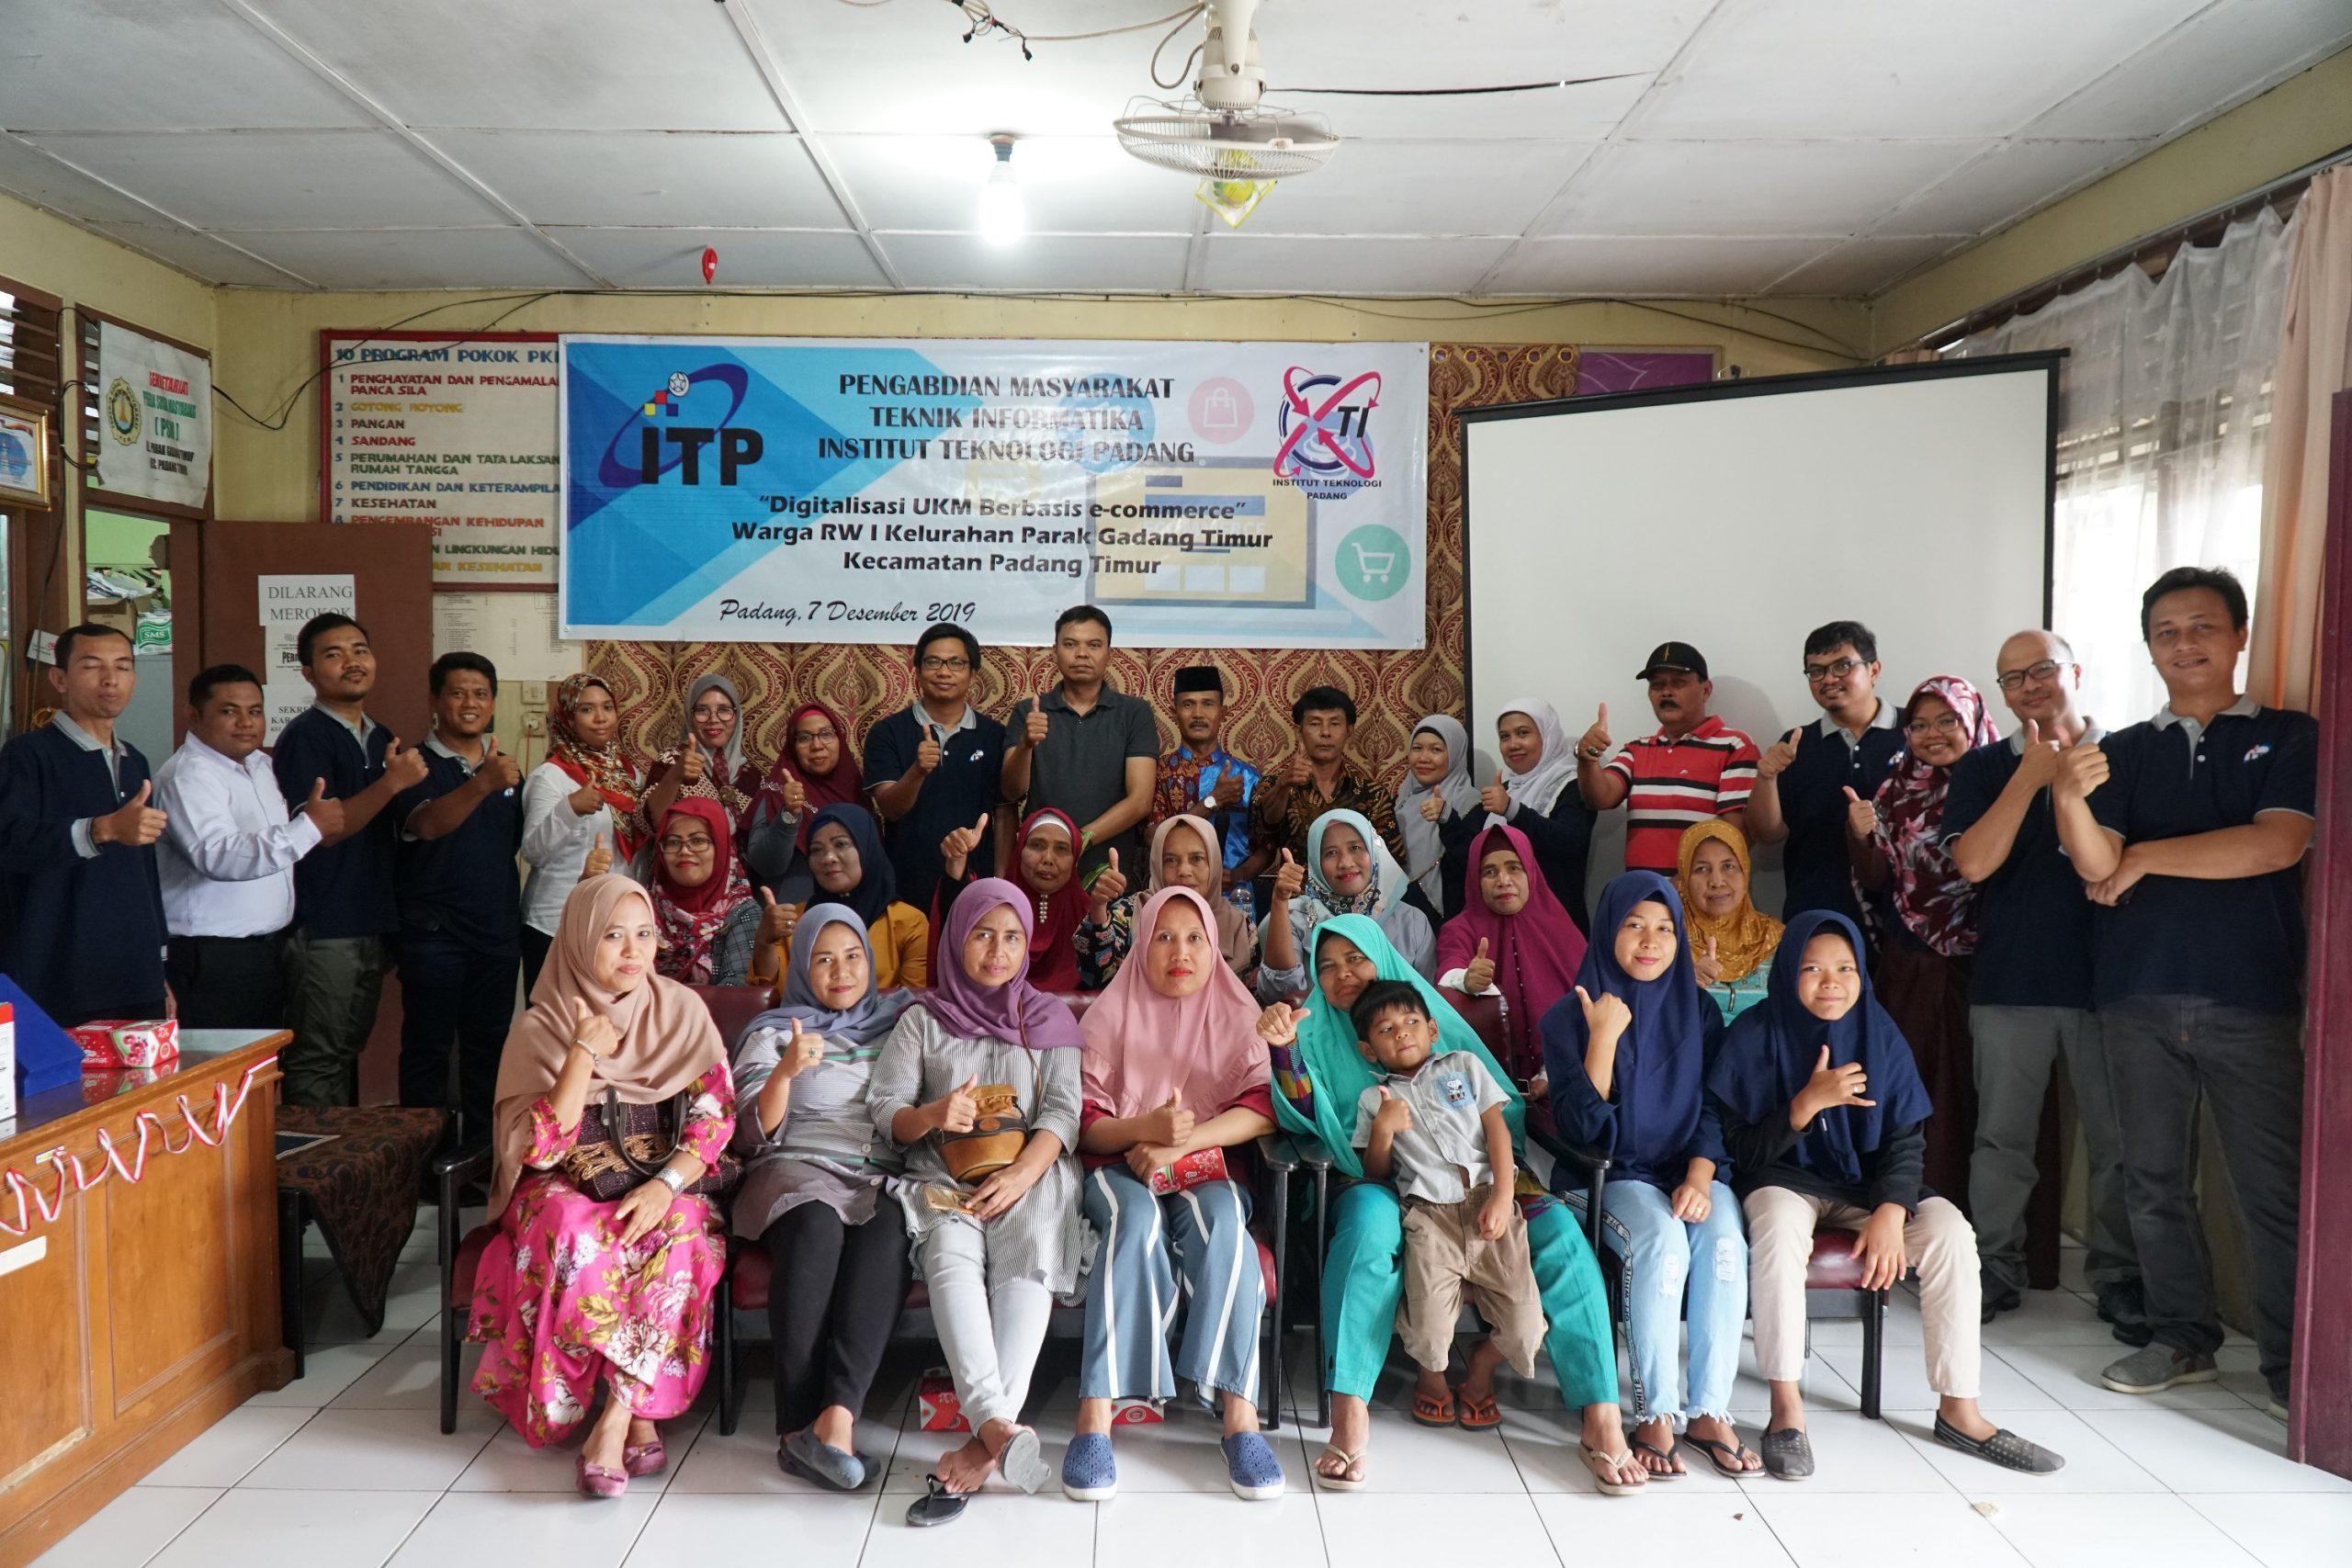 Digitalisasi UMKM Berbasis E-Commerce di RW I Kelurahan Parak Gadang Timur Kecamatan Padang Timur